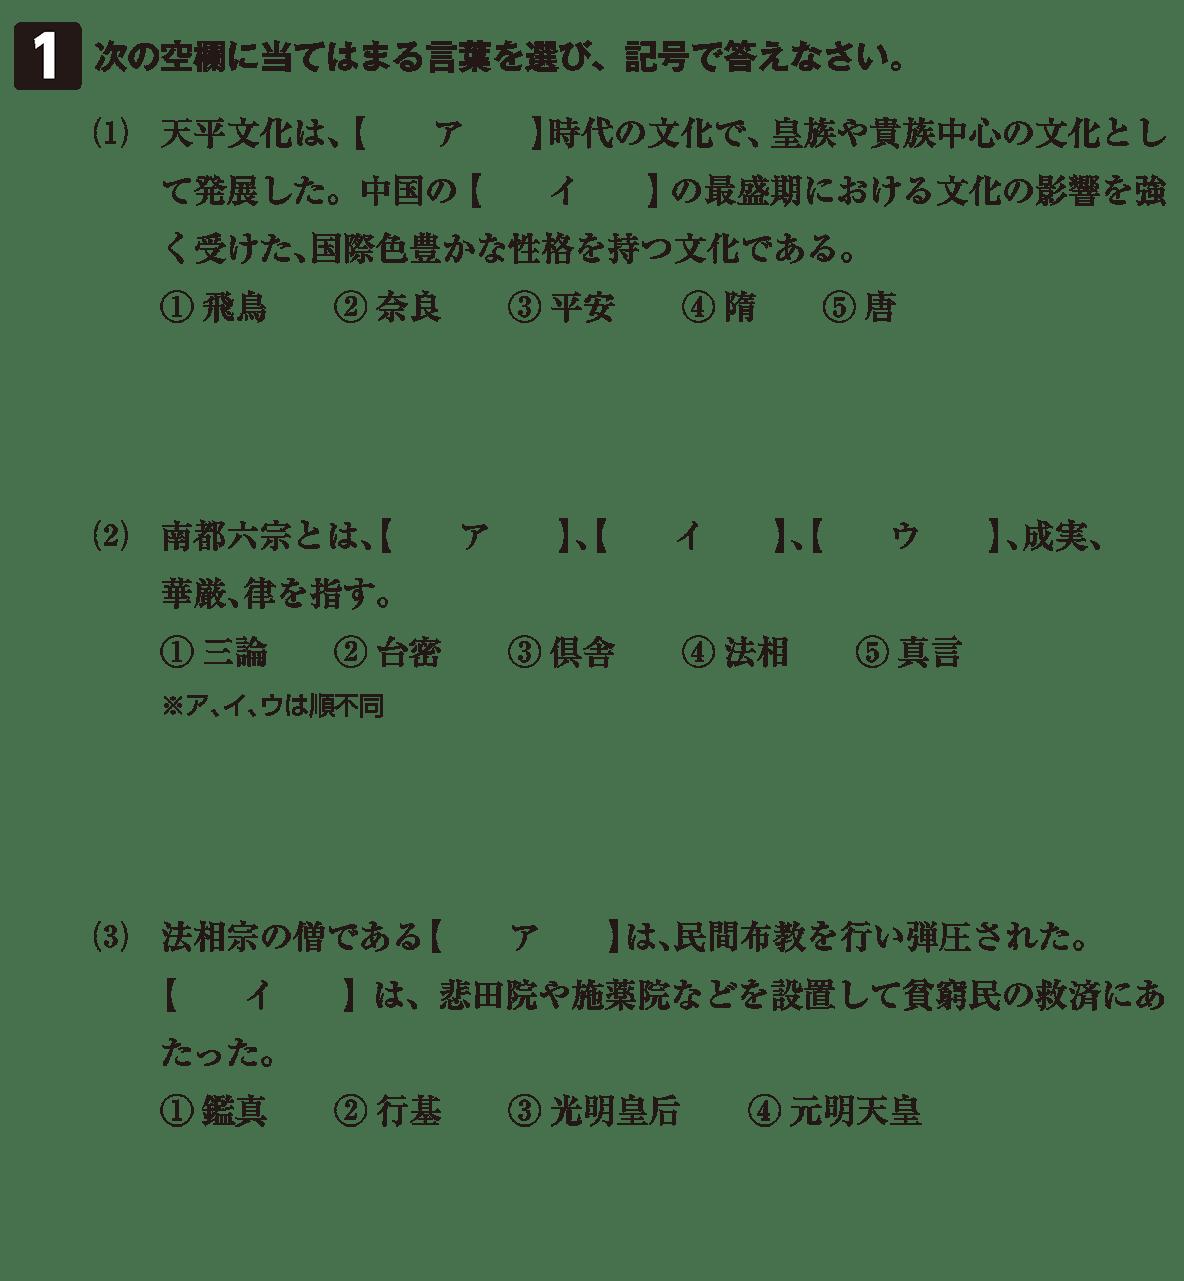 原始・古代文化9 問題1 問題